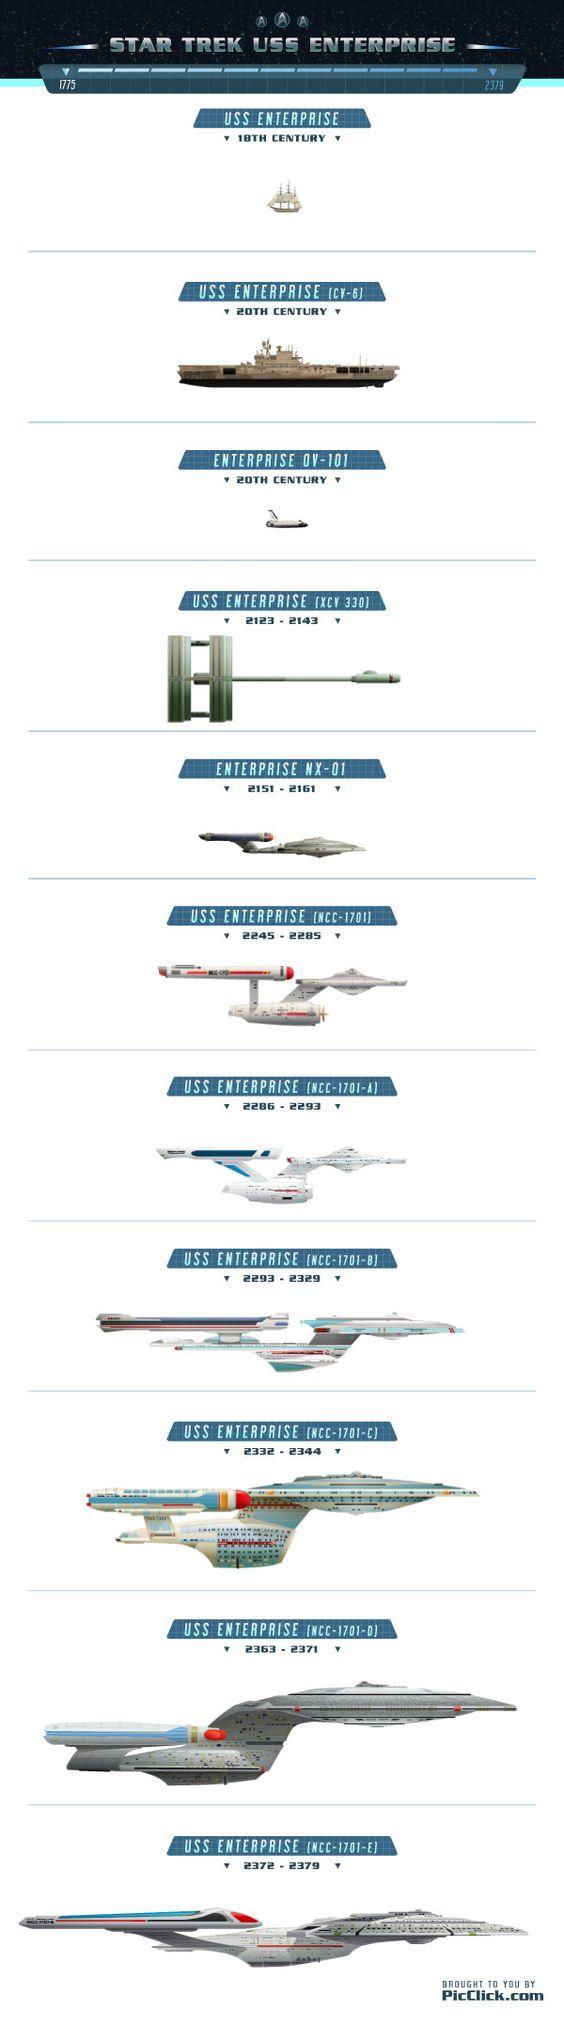 Uss enterprise ncc 1701 d galaxy class saucer separation r flickr - Neil Degrasse Tyson Picks Between Millennium Falcon Uss Enterprise Uss Enterprise Millennium Falcon And Falcons